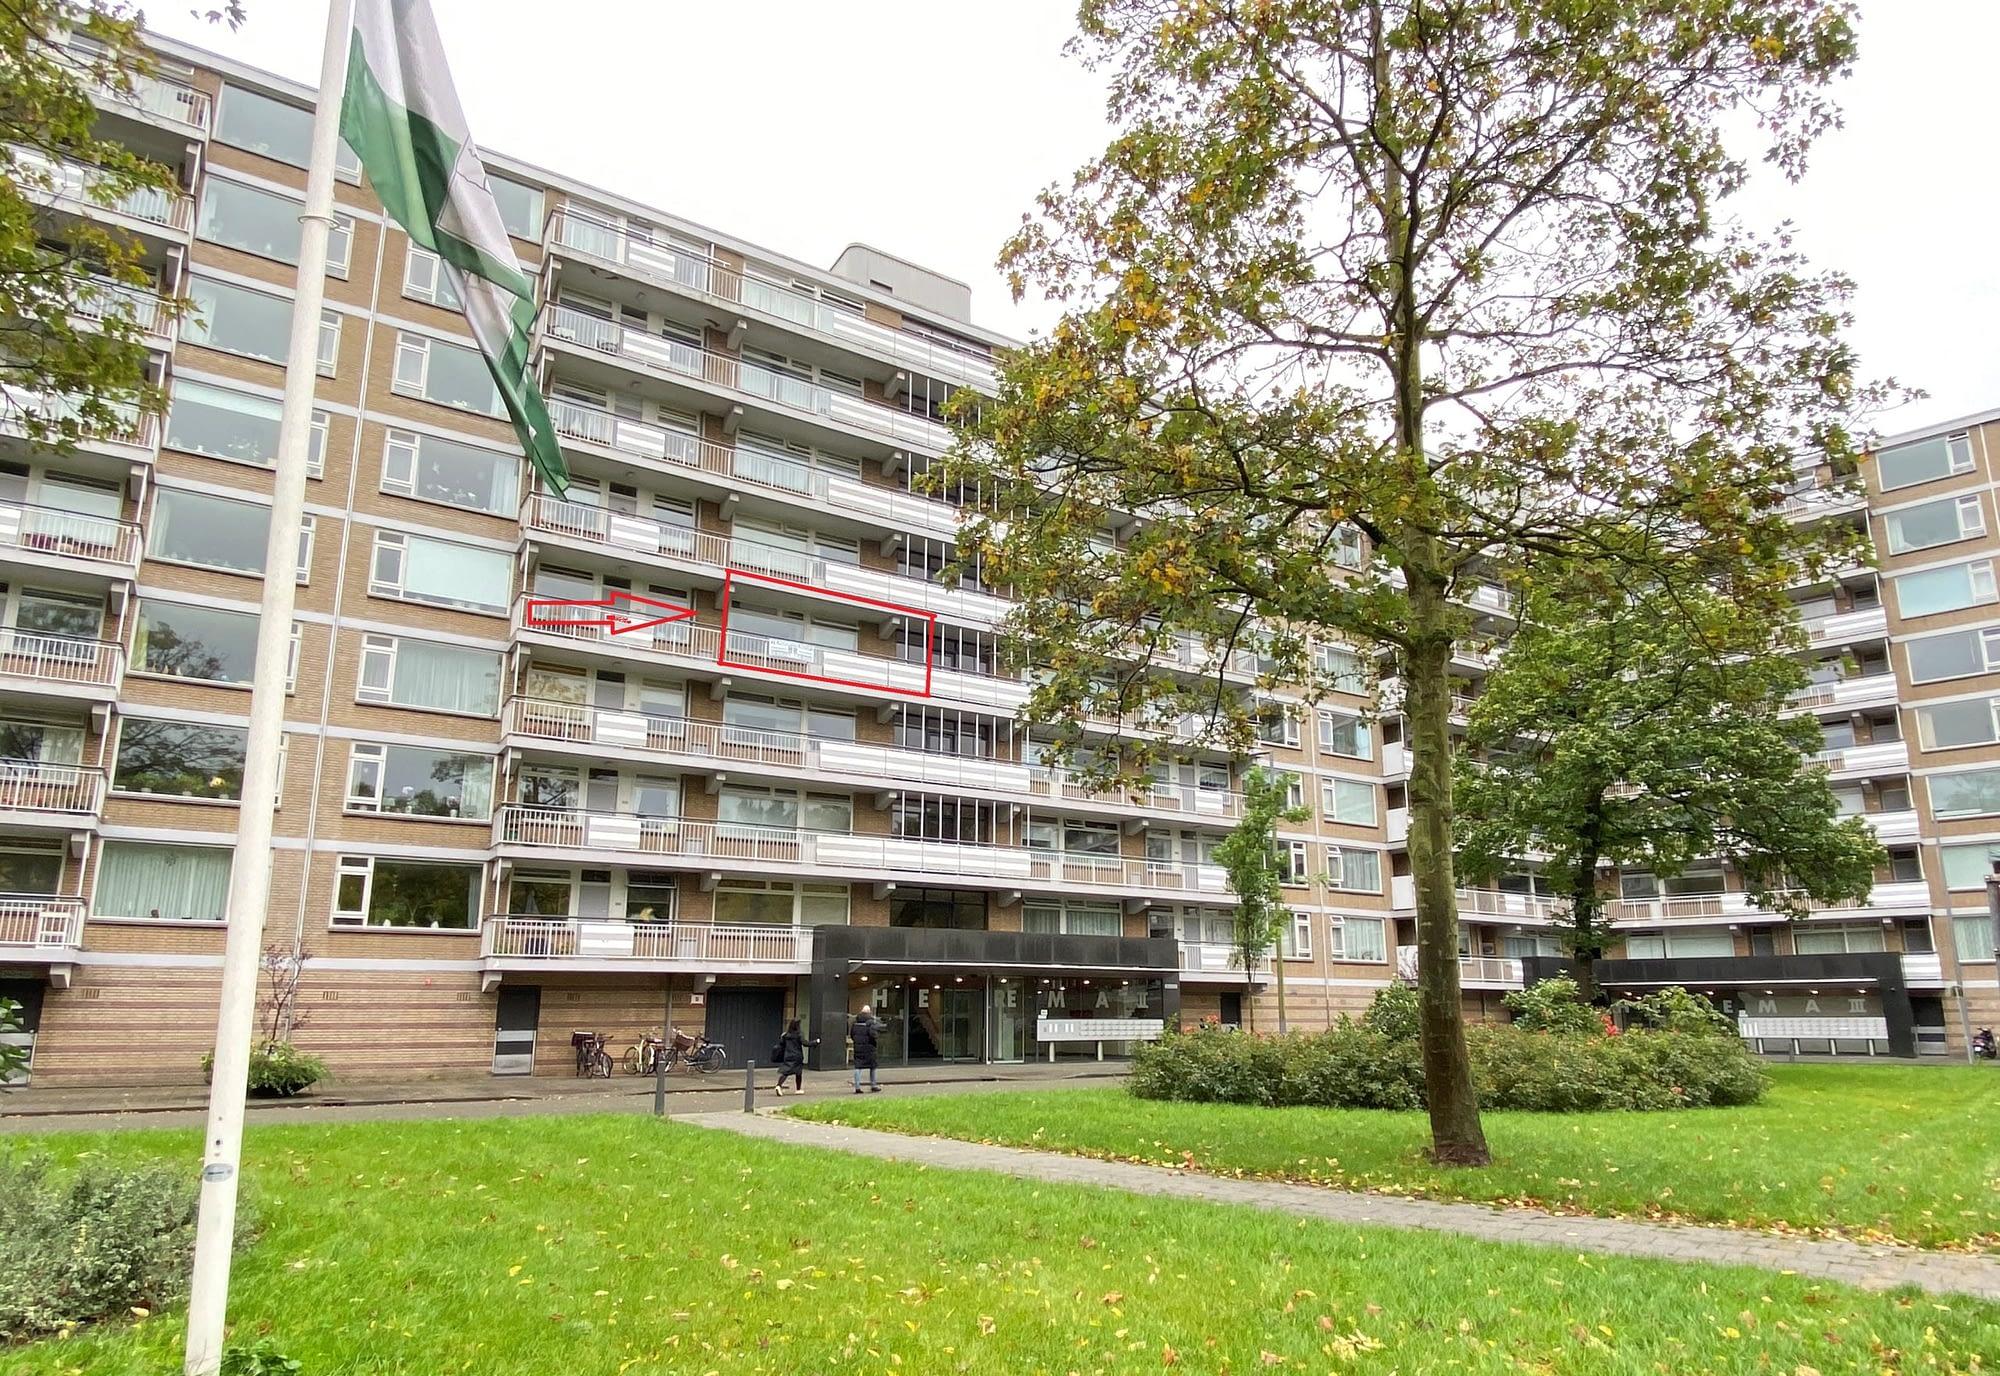 Söderblomplaats 430 Rotterdam HUIZEN010 makelaardij